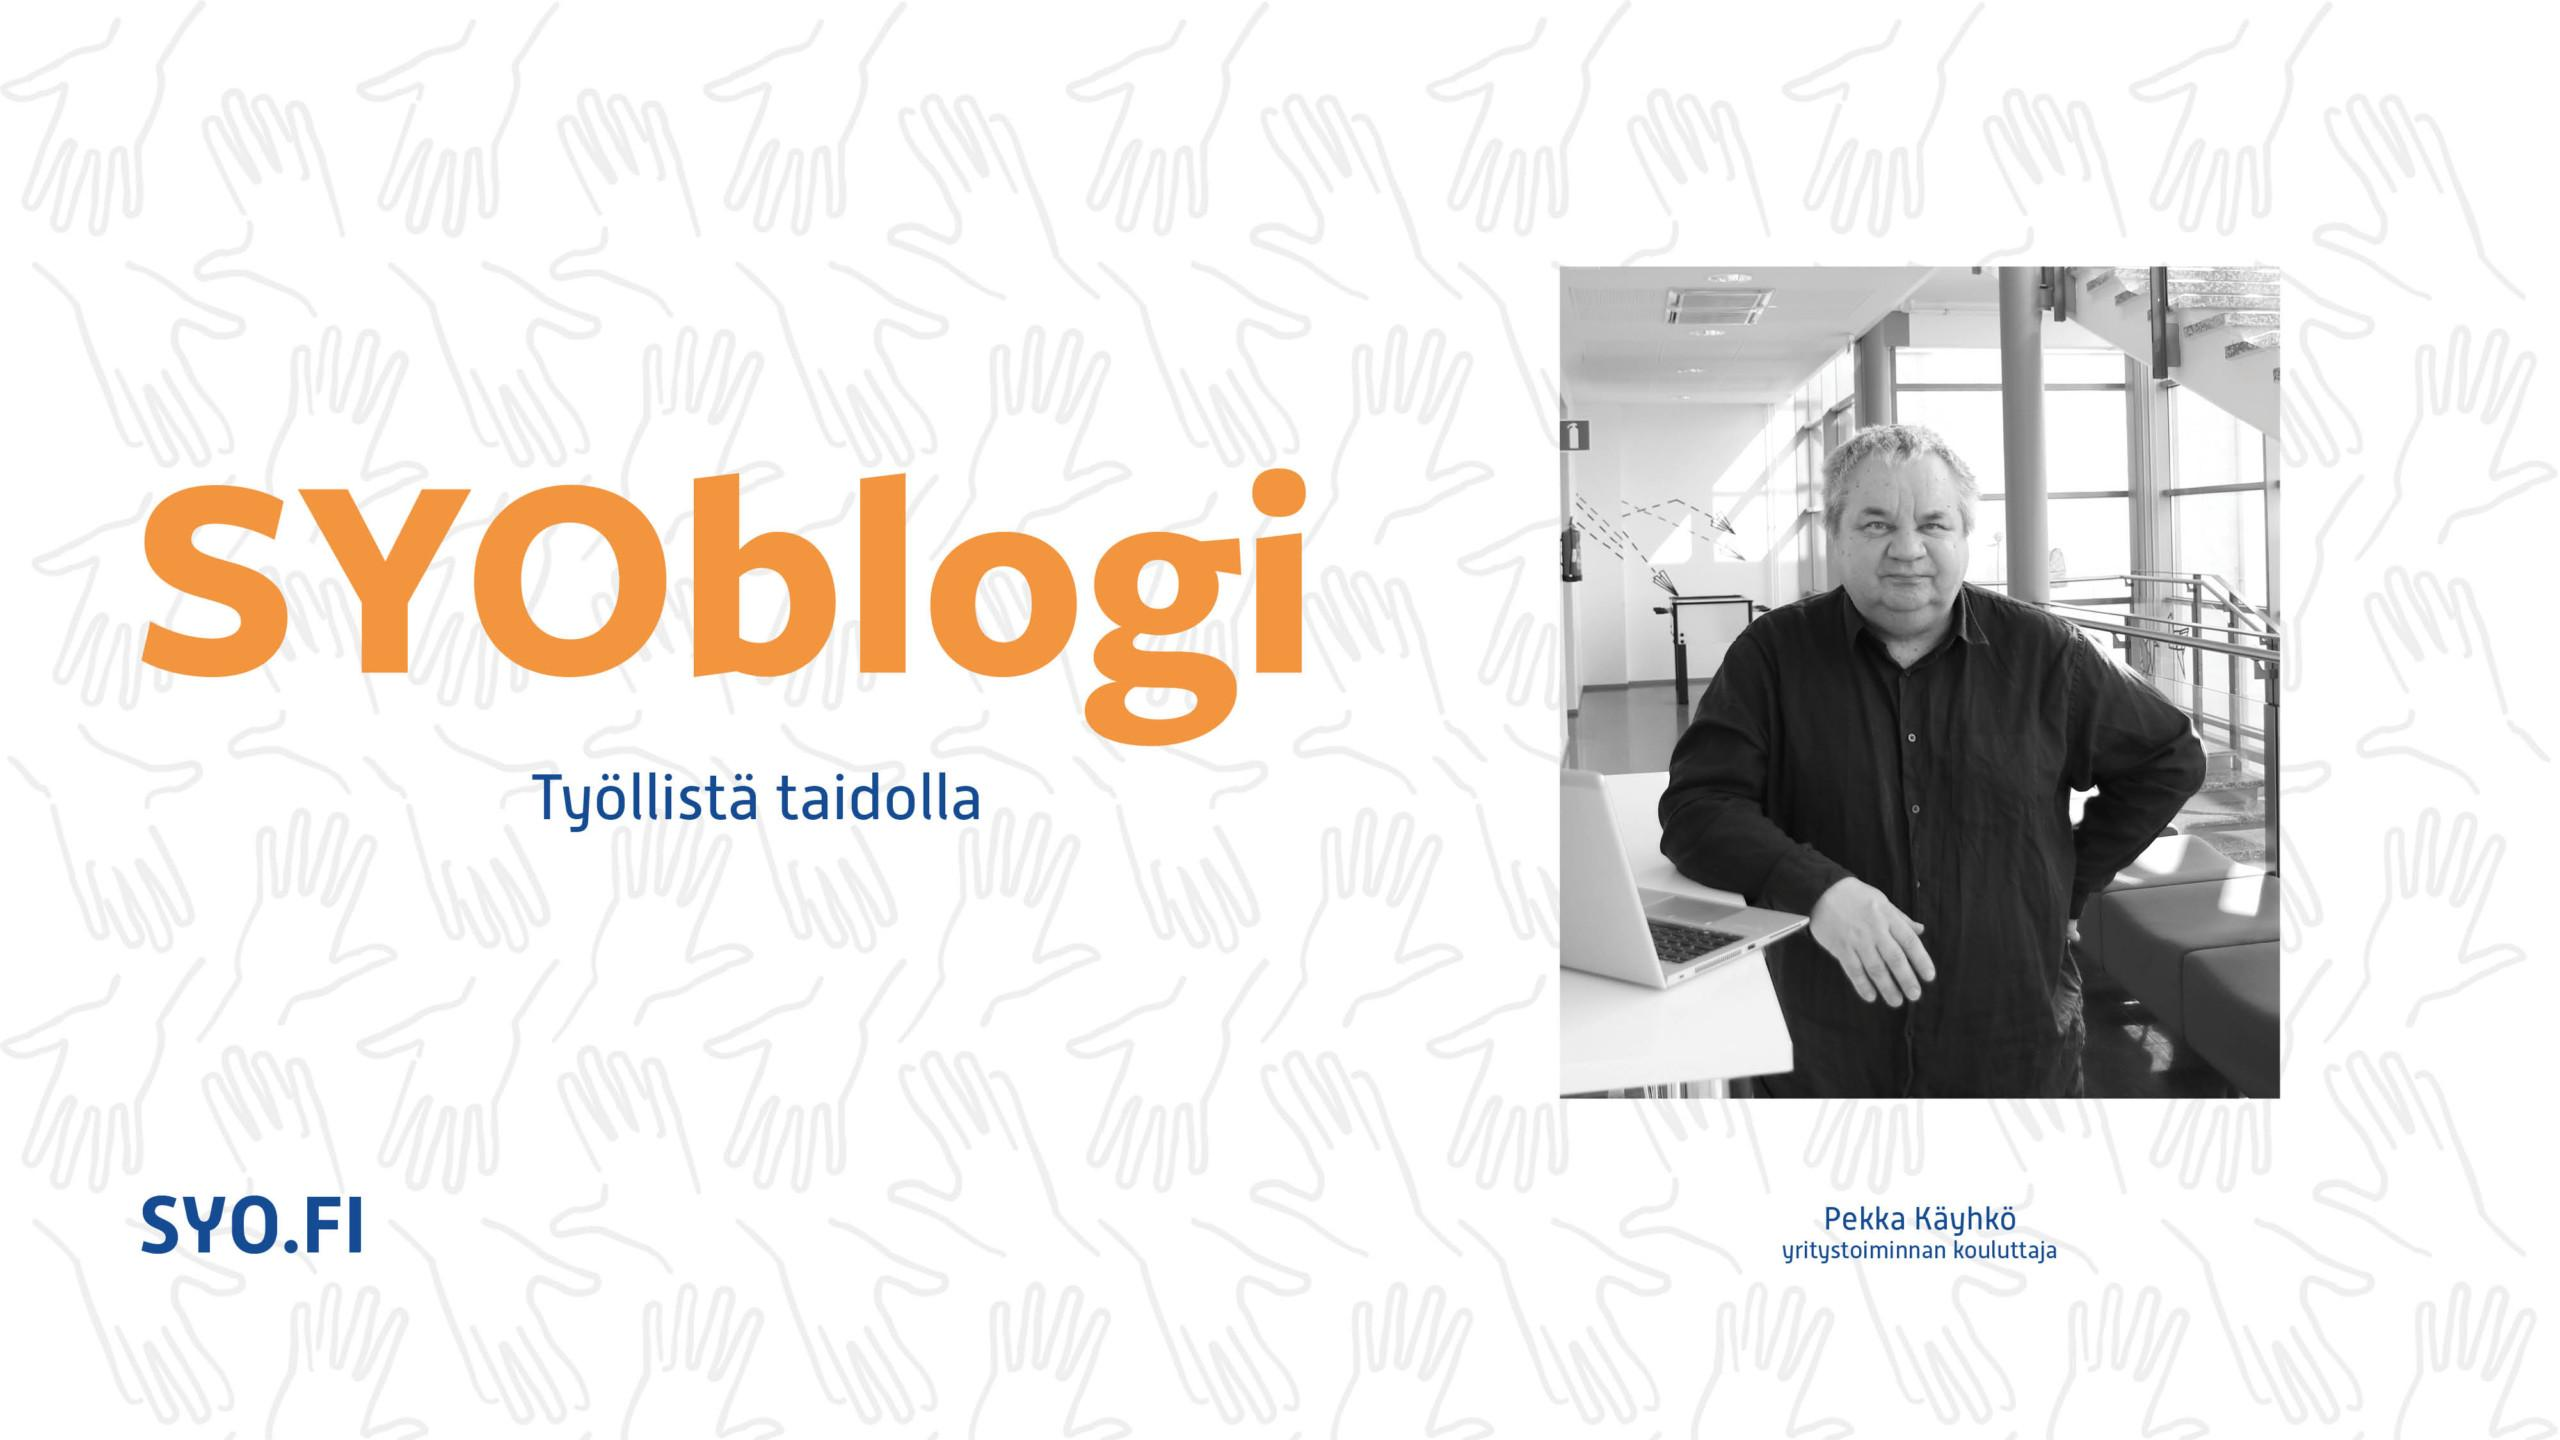 SYOblogi: Työllistä taidolla, Pekka Käyhkö.